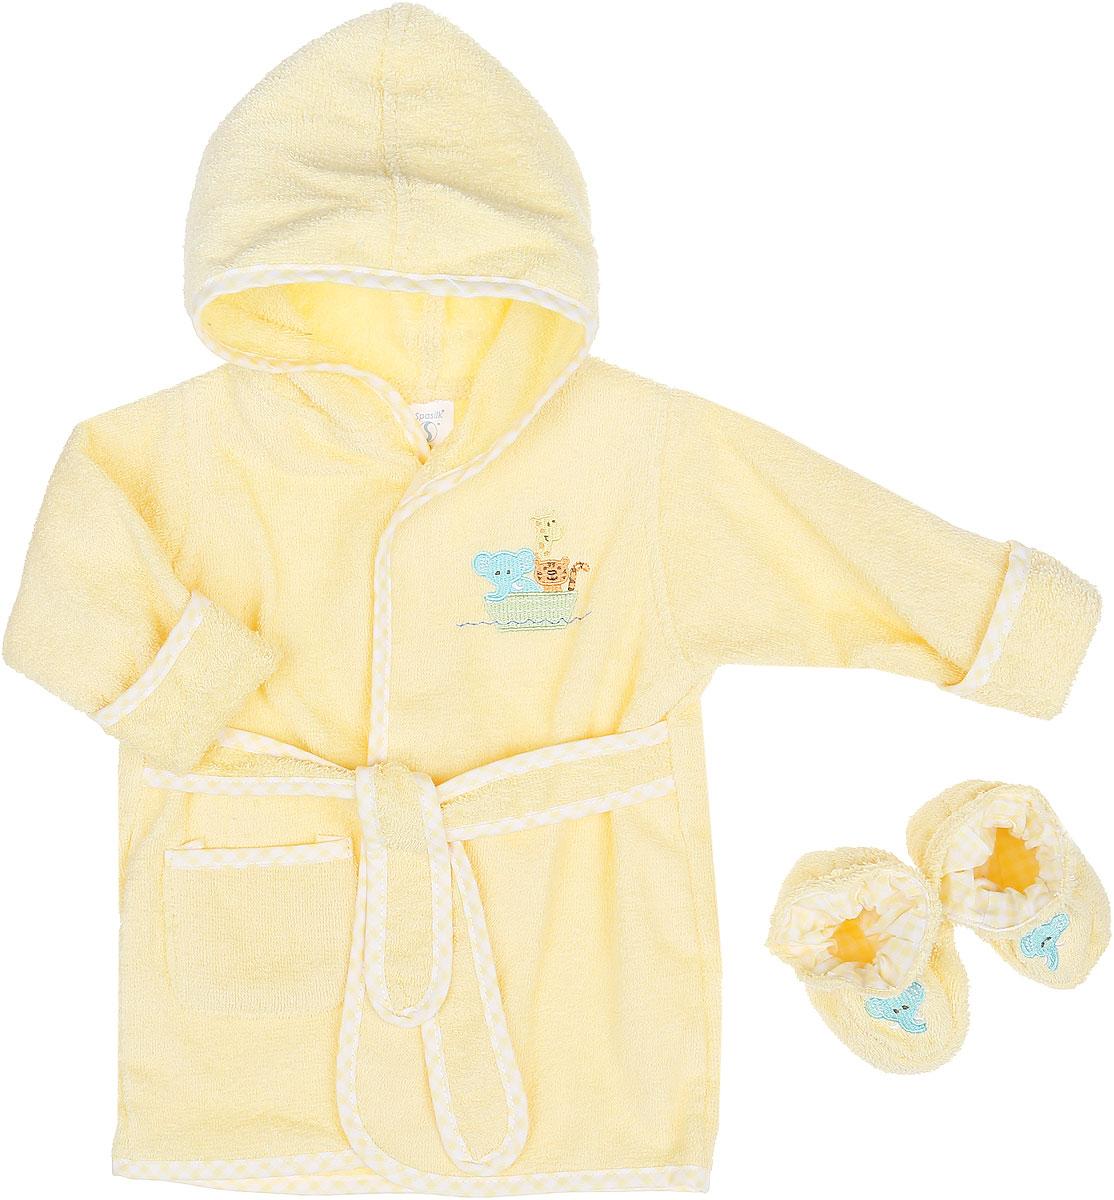 Комплект детский Spasilk Зверята: халат, пинетки, цвет: светло-желтый. BR ARK. Размер 0/9 месяцевBR ARKОчаровательный комплект одежды Spasilk Зверята состоит из халатика и пинеток. Комплект изготовлен из мягкой махровой ткани, которая отлично поглощает воду, массирует кожу, улучшая кровообращение, позволяет телу дышать. Изделие легкое и тактильно приятное. Уютный халат с капюшоном и длинными рукавами дополнен поясом на талии. На рукавах имеются декоративные отвороты. Спереди расположен накладной кармашек. Края изделия оформлены принтованной окантовкой. Модель украшена вышитой аппликацией в виде животных.На пинетках предусмотрена легкая хлопковая подкладка, оформленная принтом в клетку. Пинетки присборены на мягкие эластичные резинки для фиксации на ножках ребенка. Украшено изделие вышитой аппликацией в виде слоников. Такой комплект одежды станет идеальным дополнением к детскому гардеробу. Мягкий махровый халатик и удобные пинетки защитят кроху от охлаждения после водных процедур.